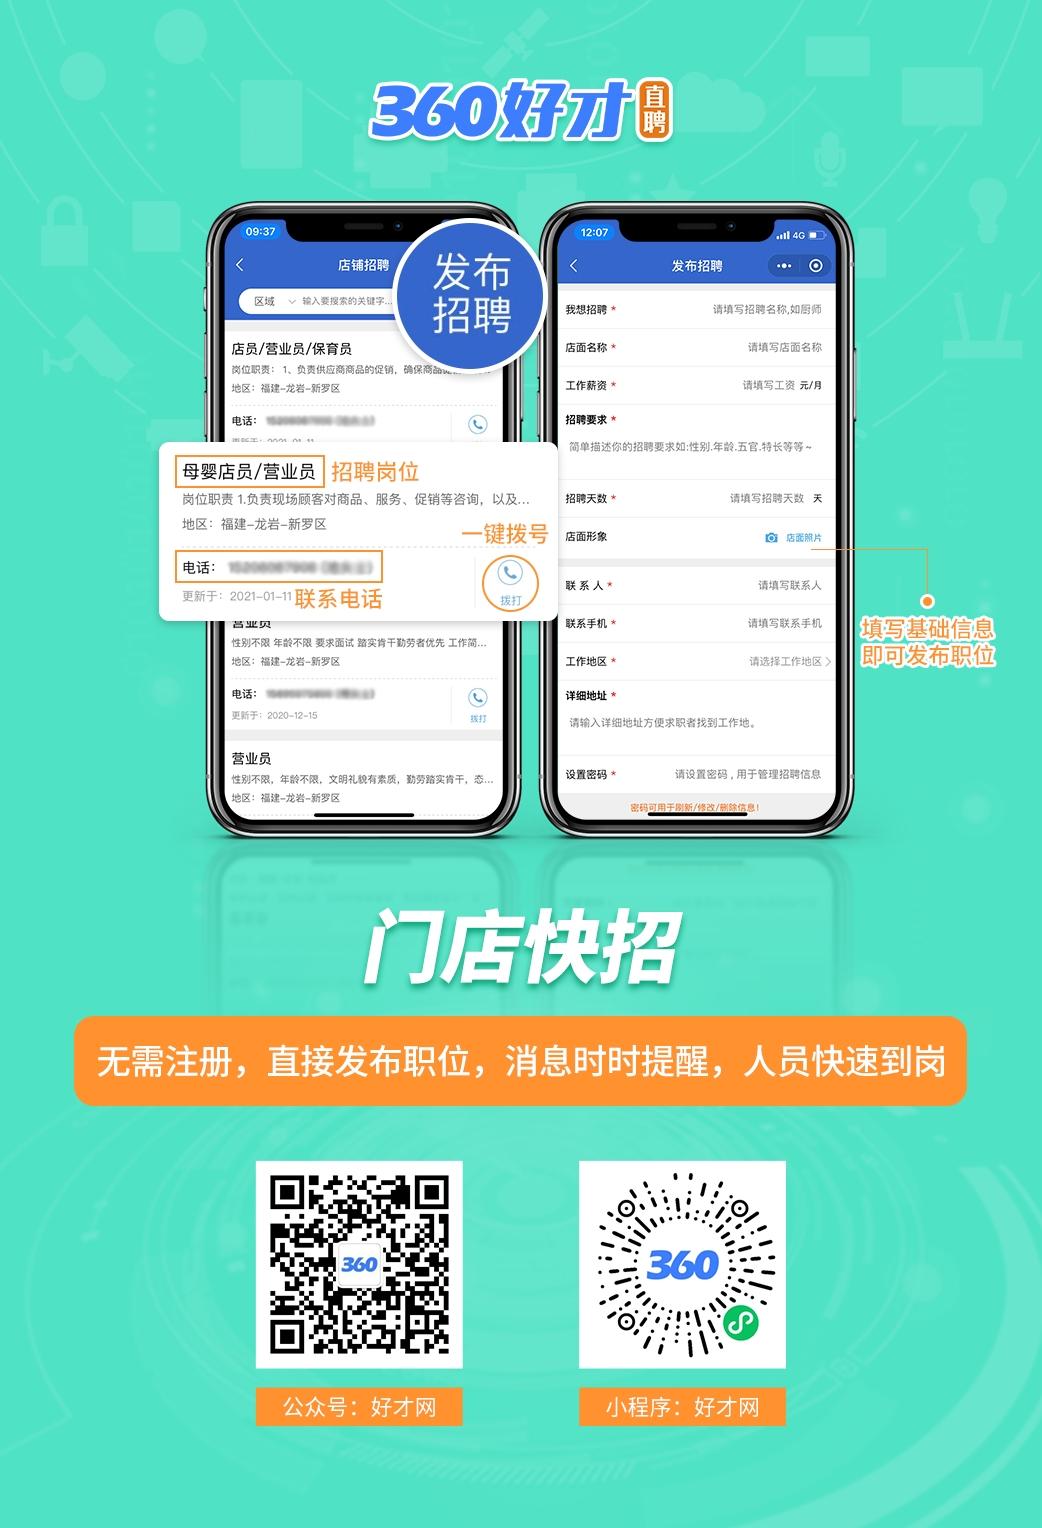 企业微信截图_1610433268238.png